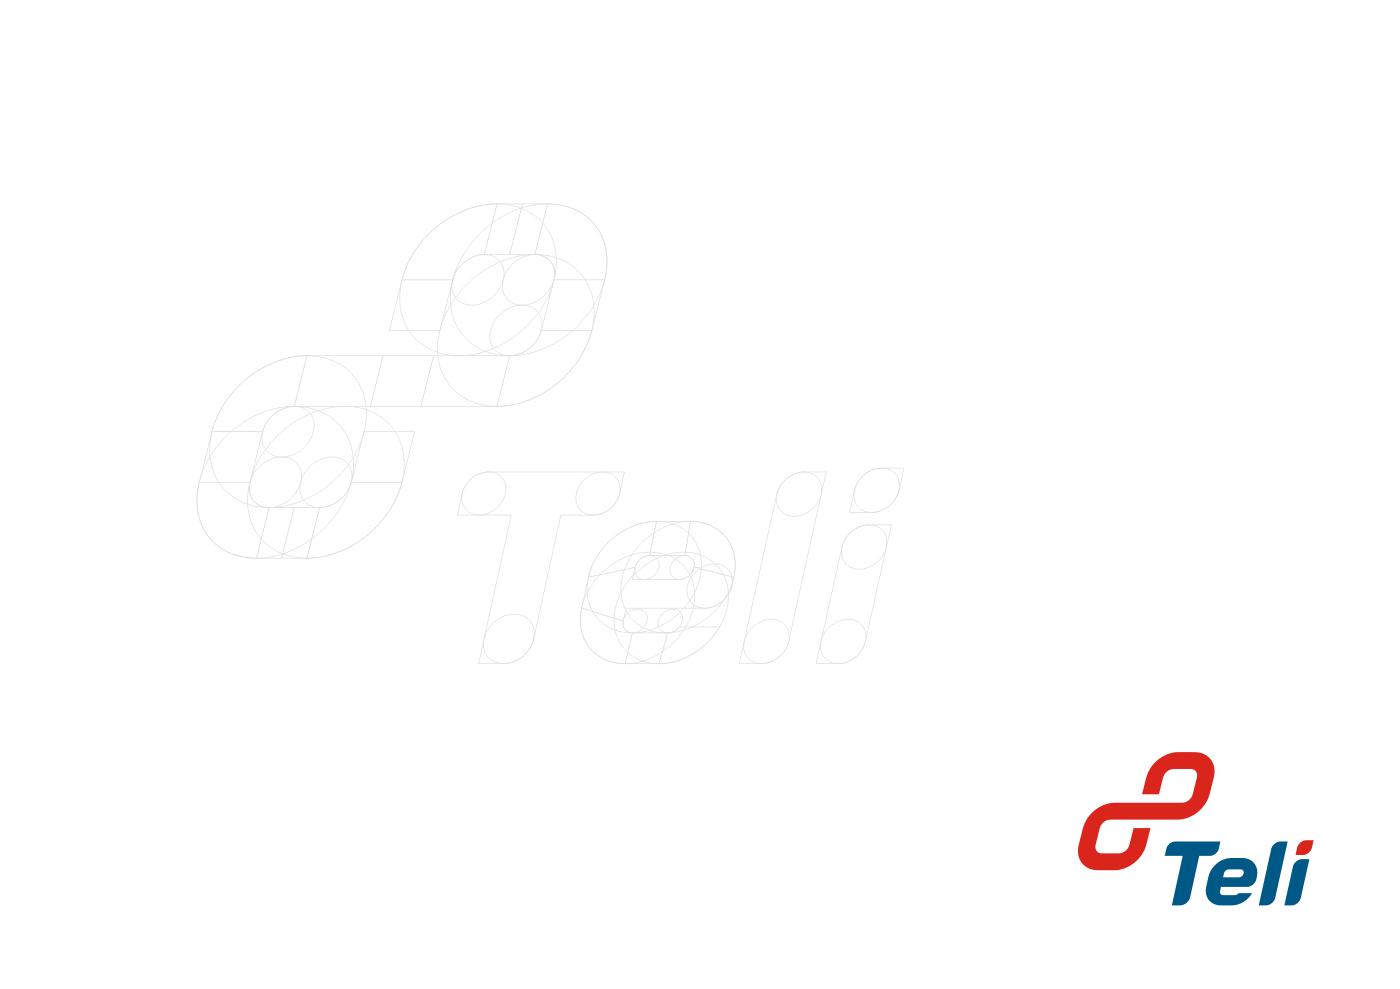 Разработка логотипа и фирменного стиля фото f_8585901c8ab8c98c.png